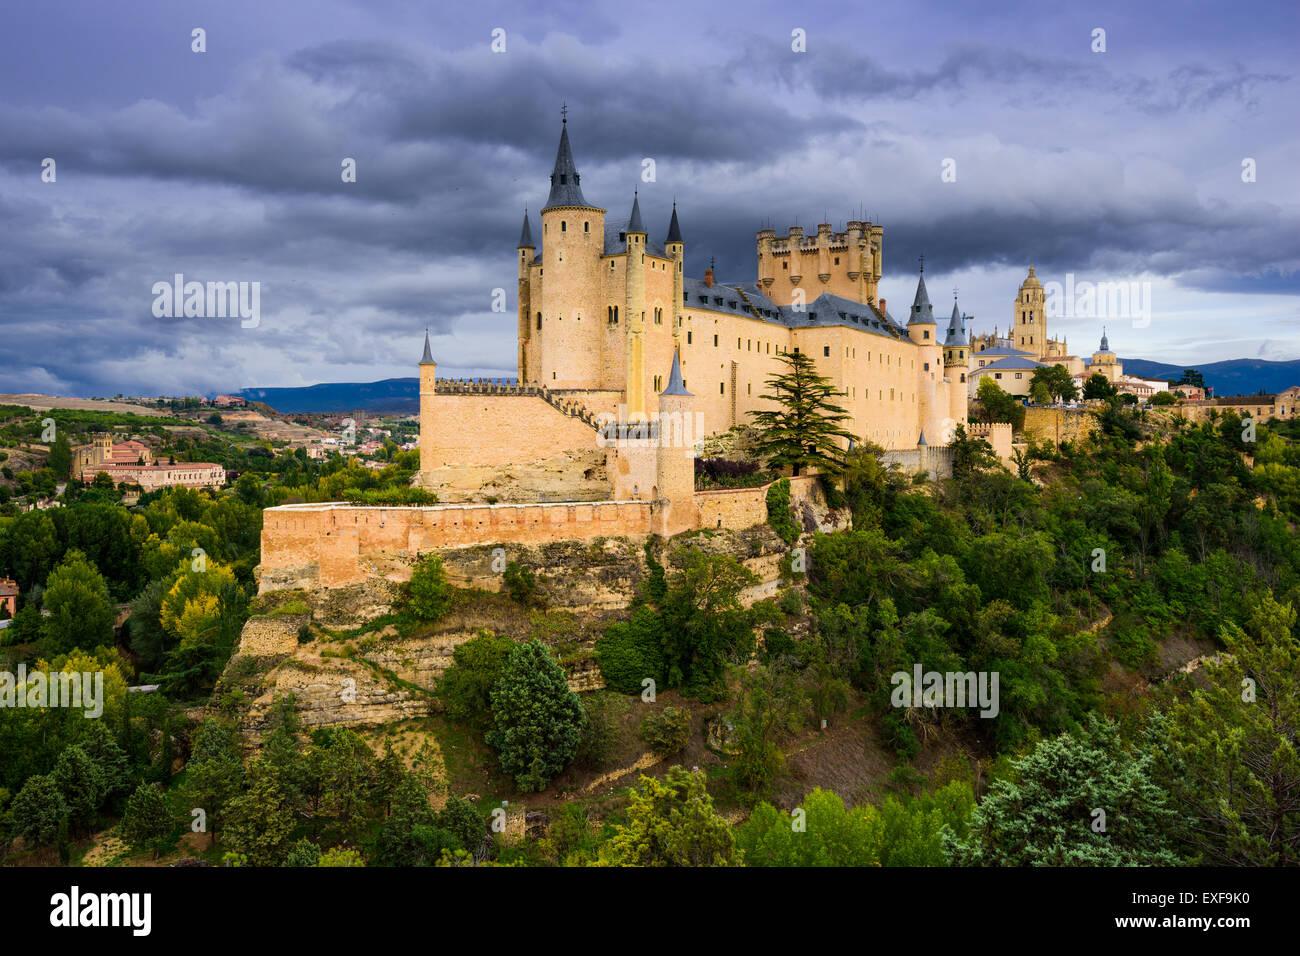 Segovia, Spagna città vecchia al castello. Immagini Stock